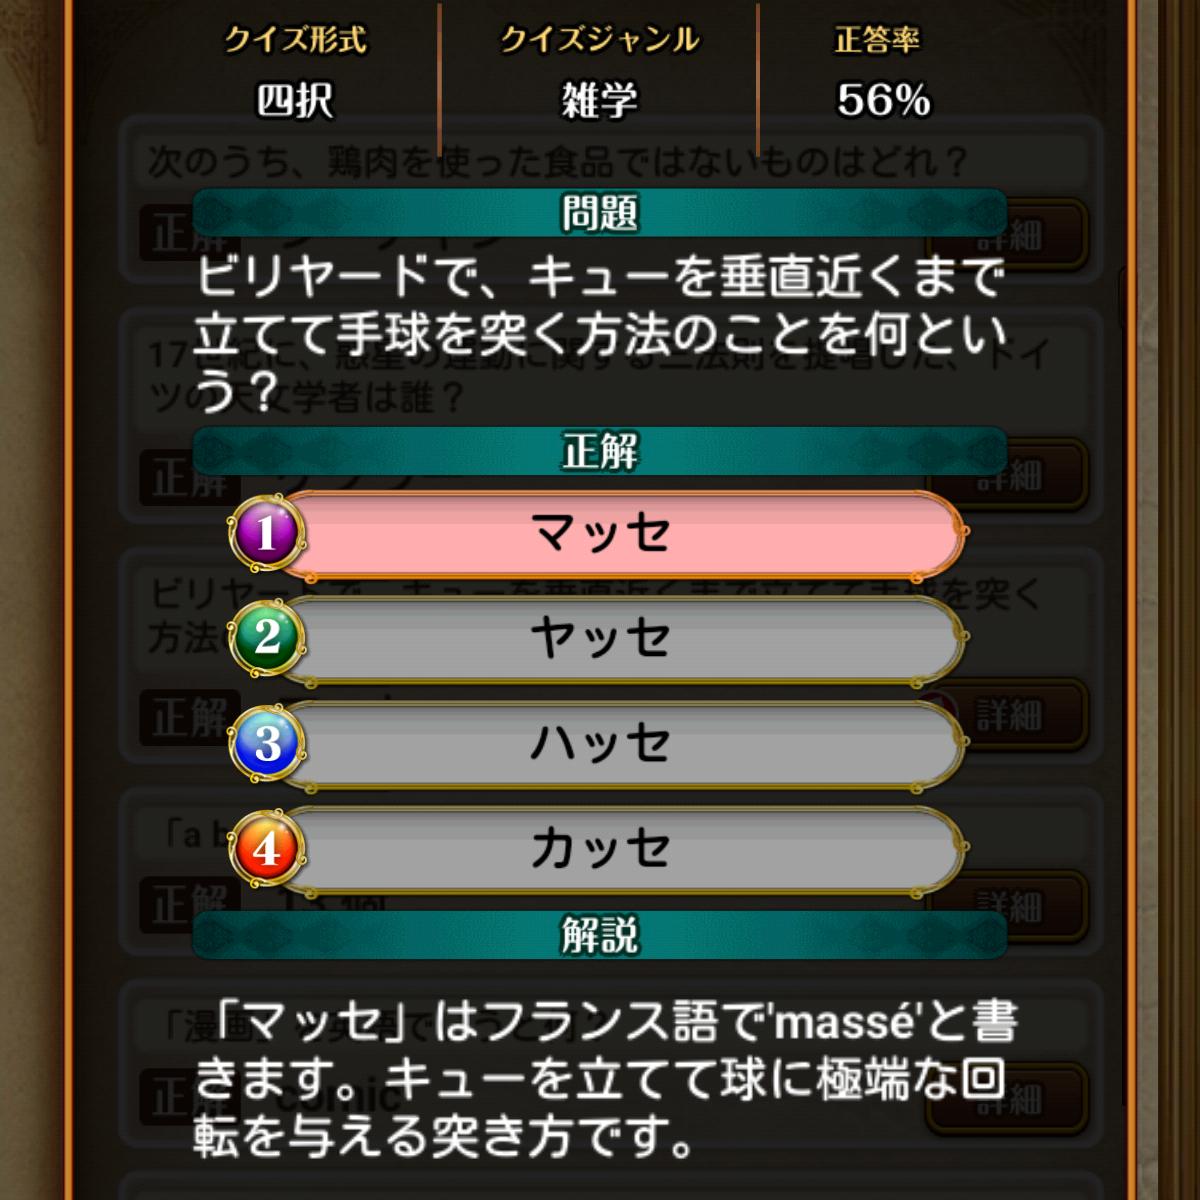 f:id:Tairax:20210513085725p:plain